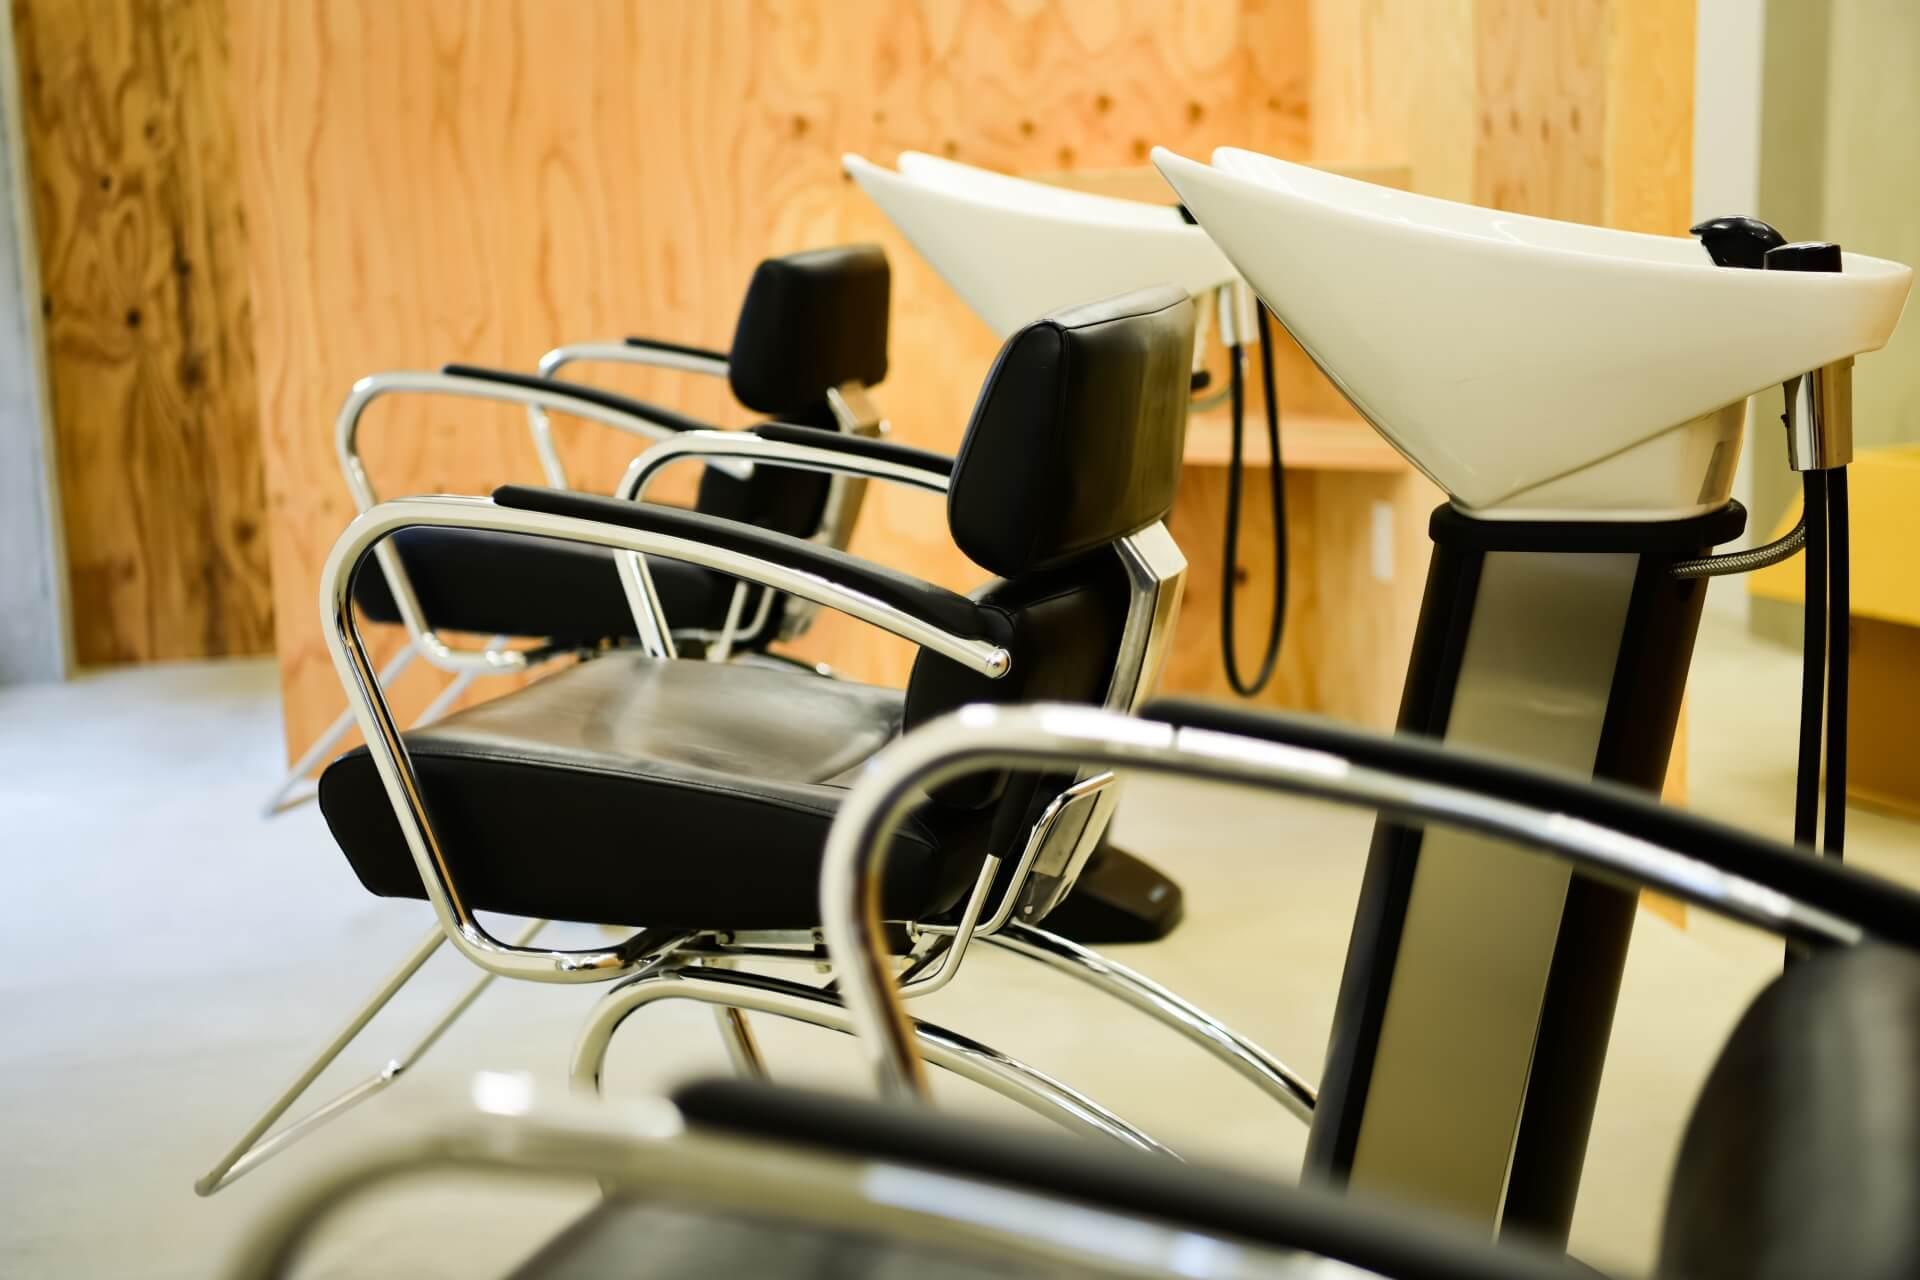 【美容業】顧客カルテと商圏分析を徹底活用した地域密着のサロン型美容室